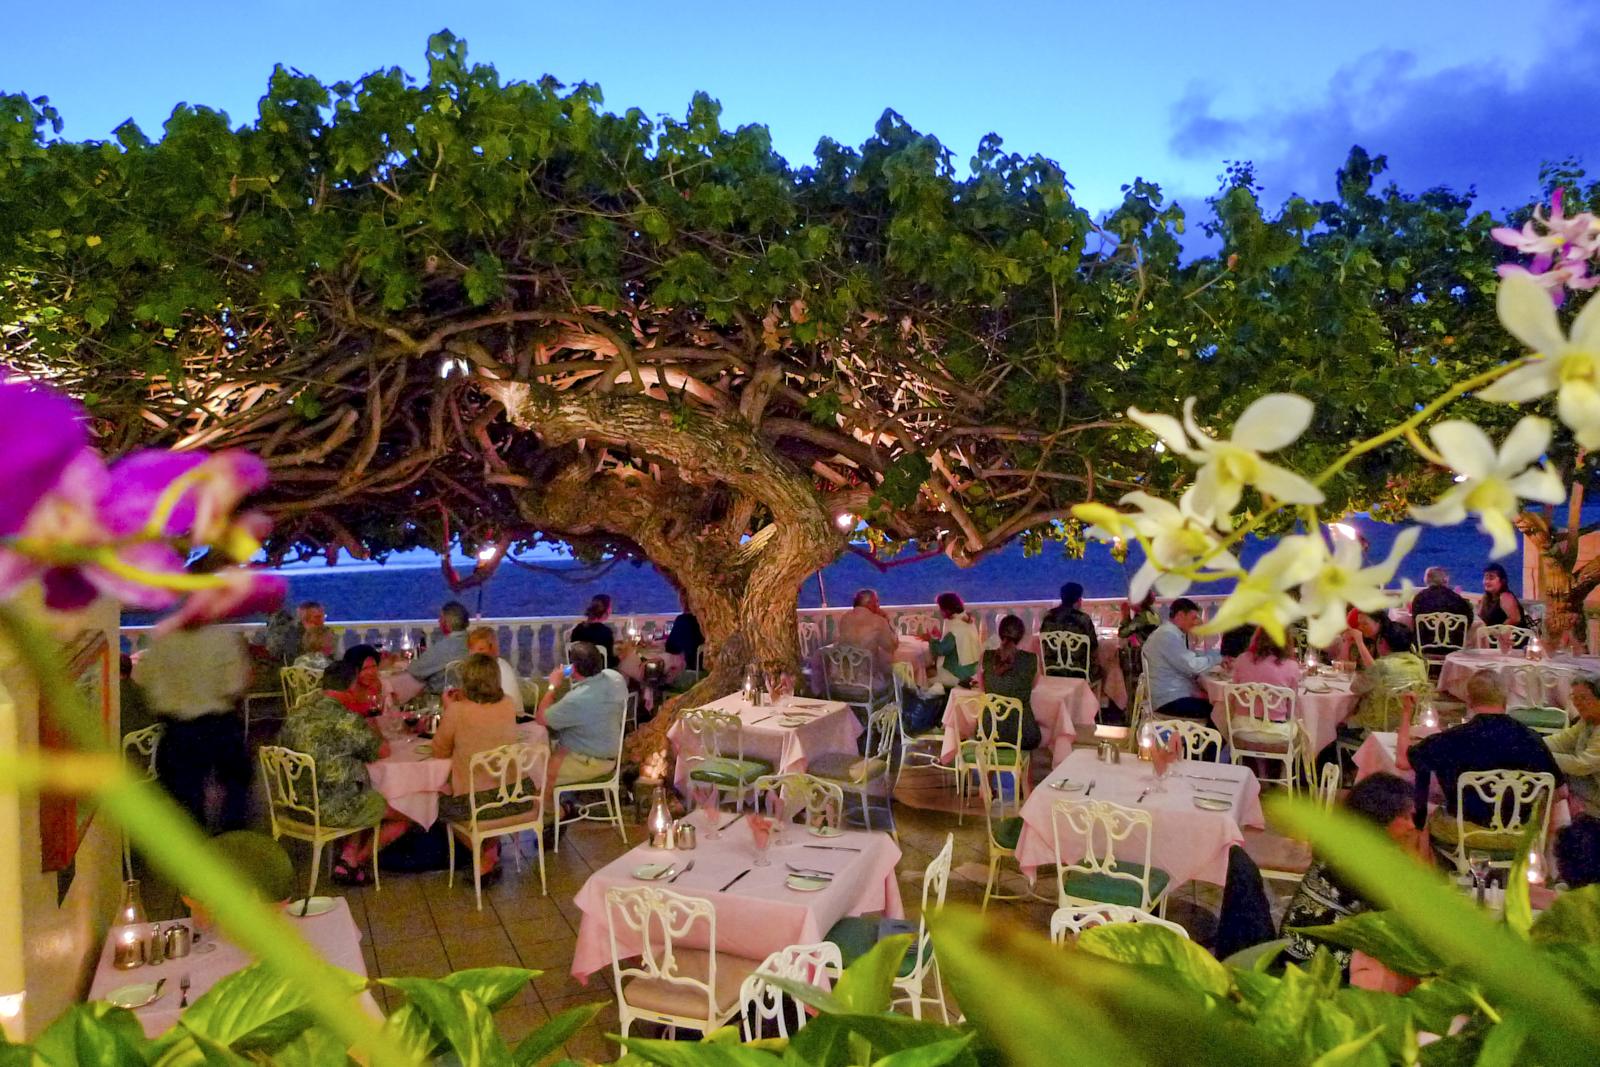 ハウツリーラナイ(Hau Tree Lanai)